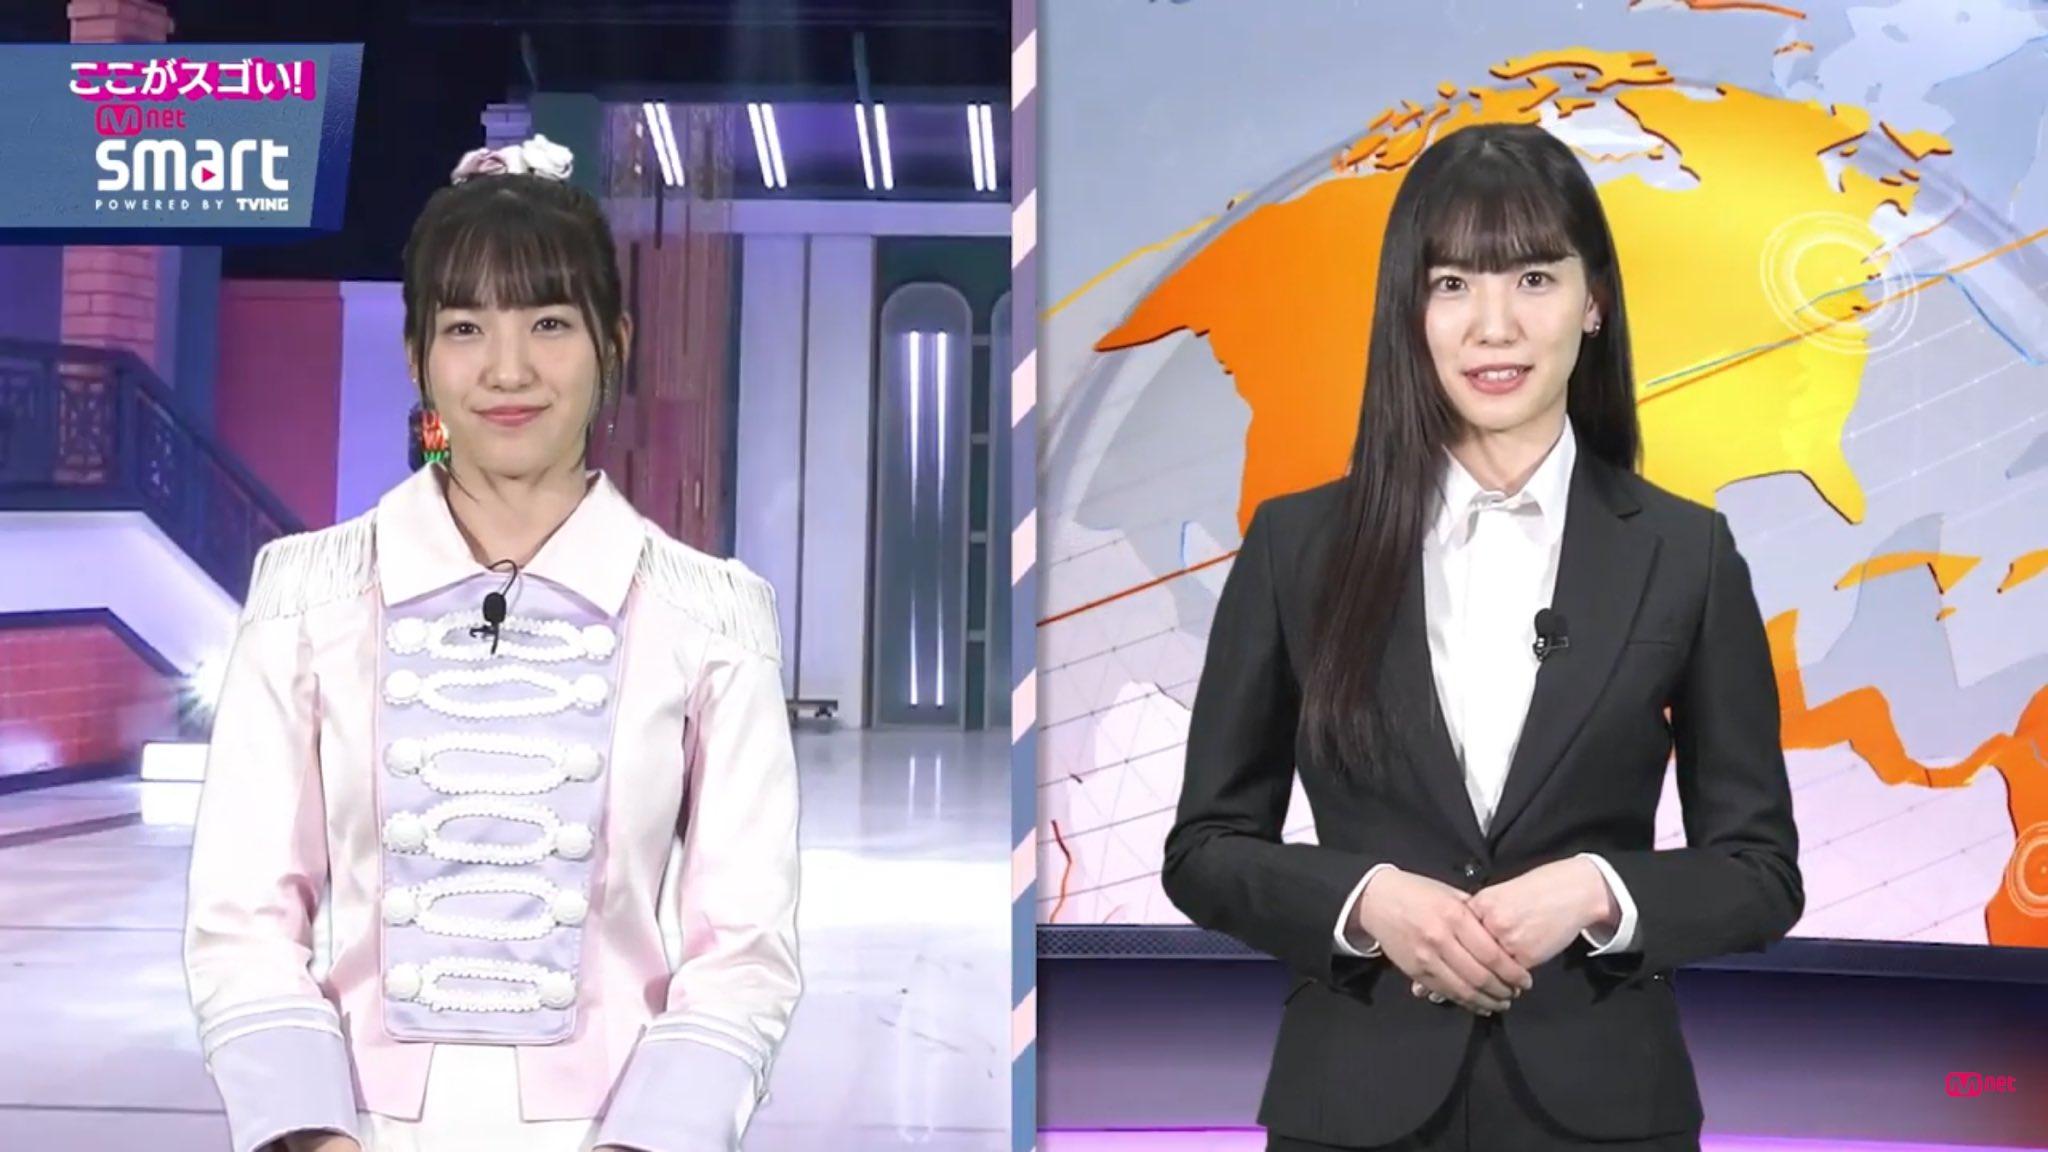 การร่วมงานของชิตาโอะ มิอุ(AKB48) กับ MNET Japan ในฐานะMCรายการ MNET Smart -  Pantip